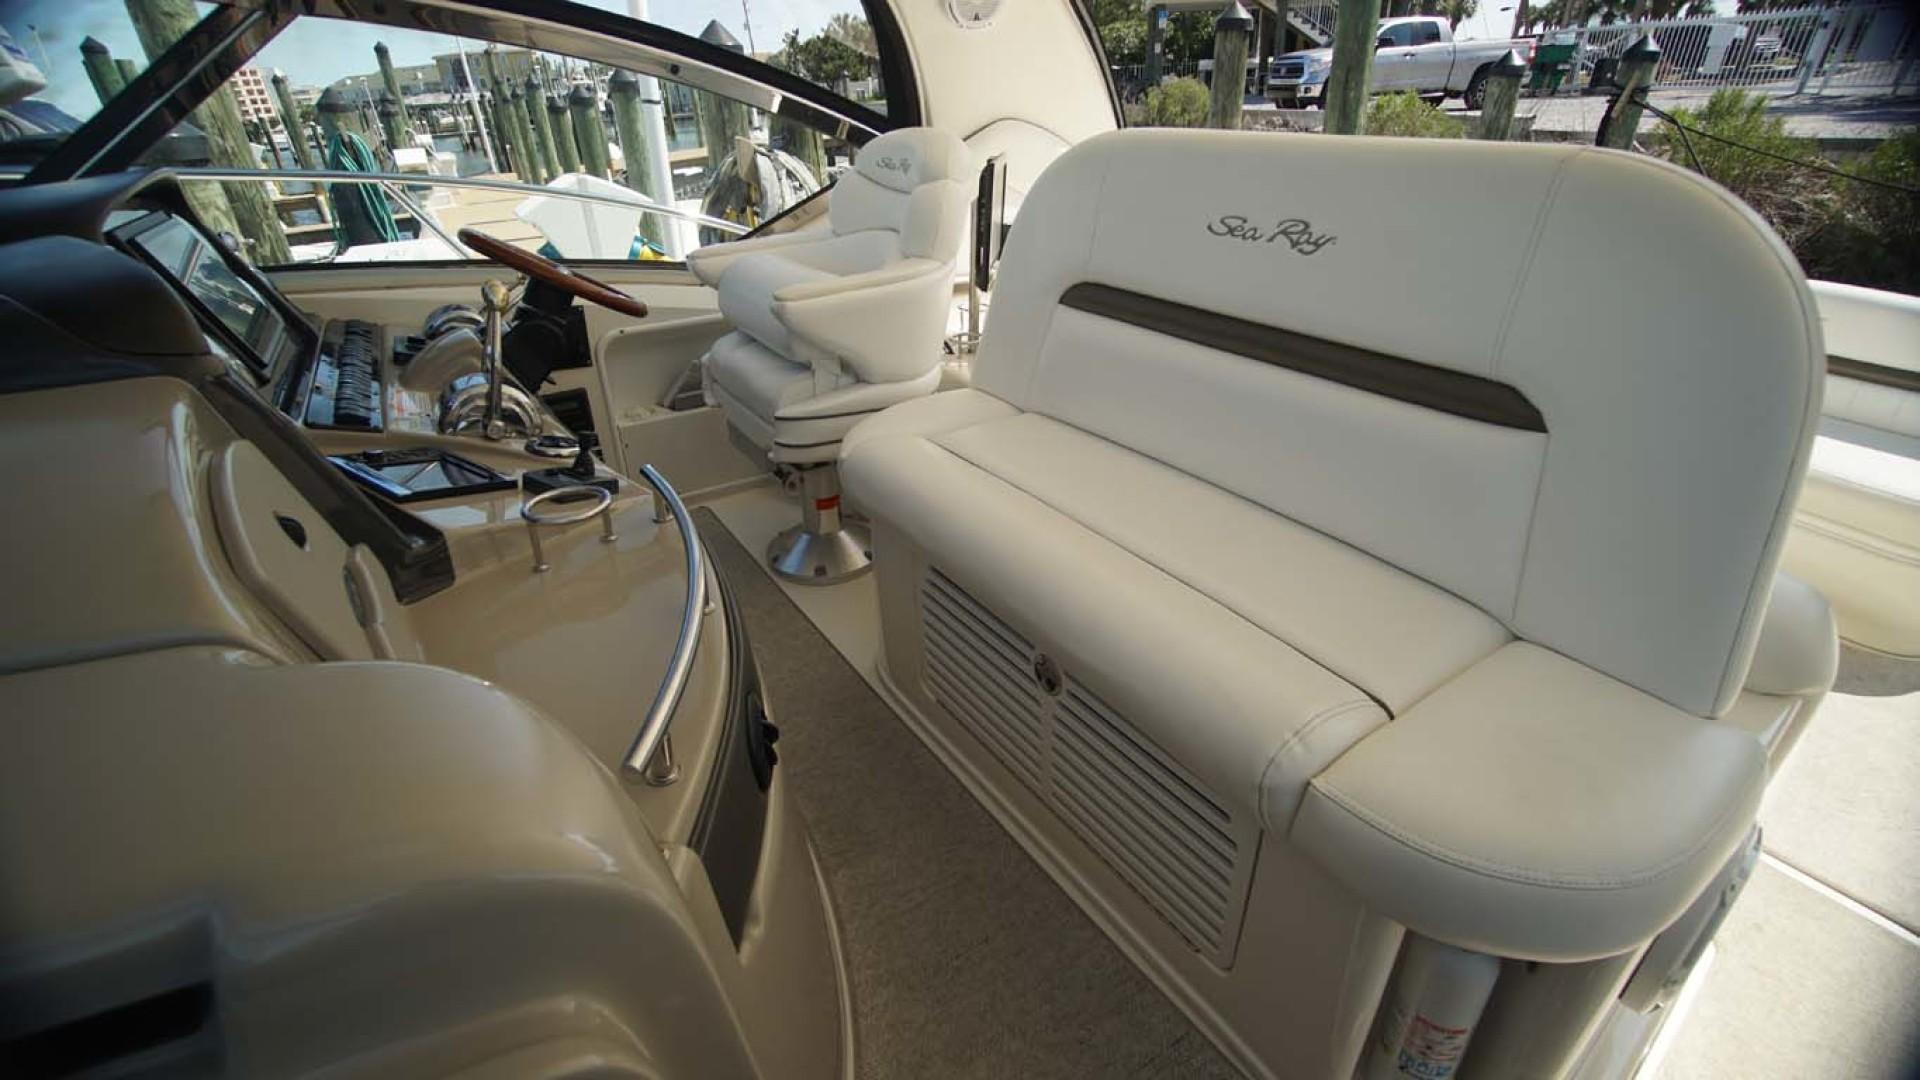 Sea Ray-Sundancer 2006-Late Fee Destin-Florida-United States-Companionseat-1125991 | Thumbnail